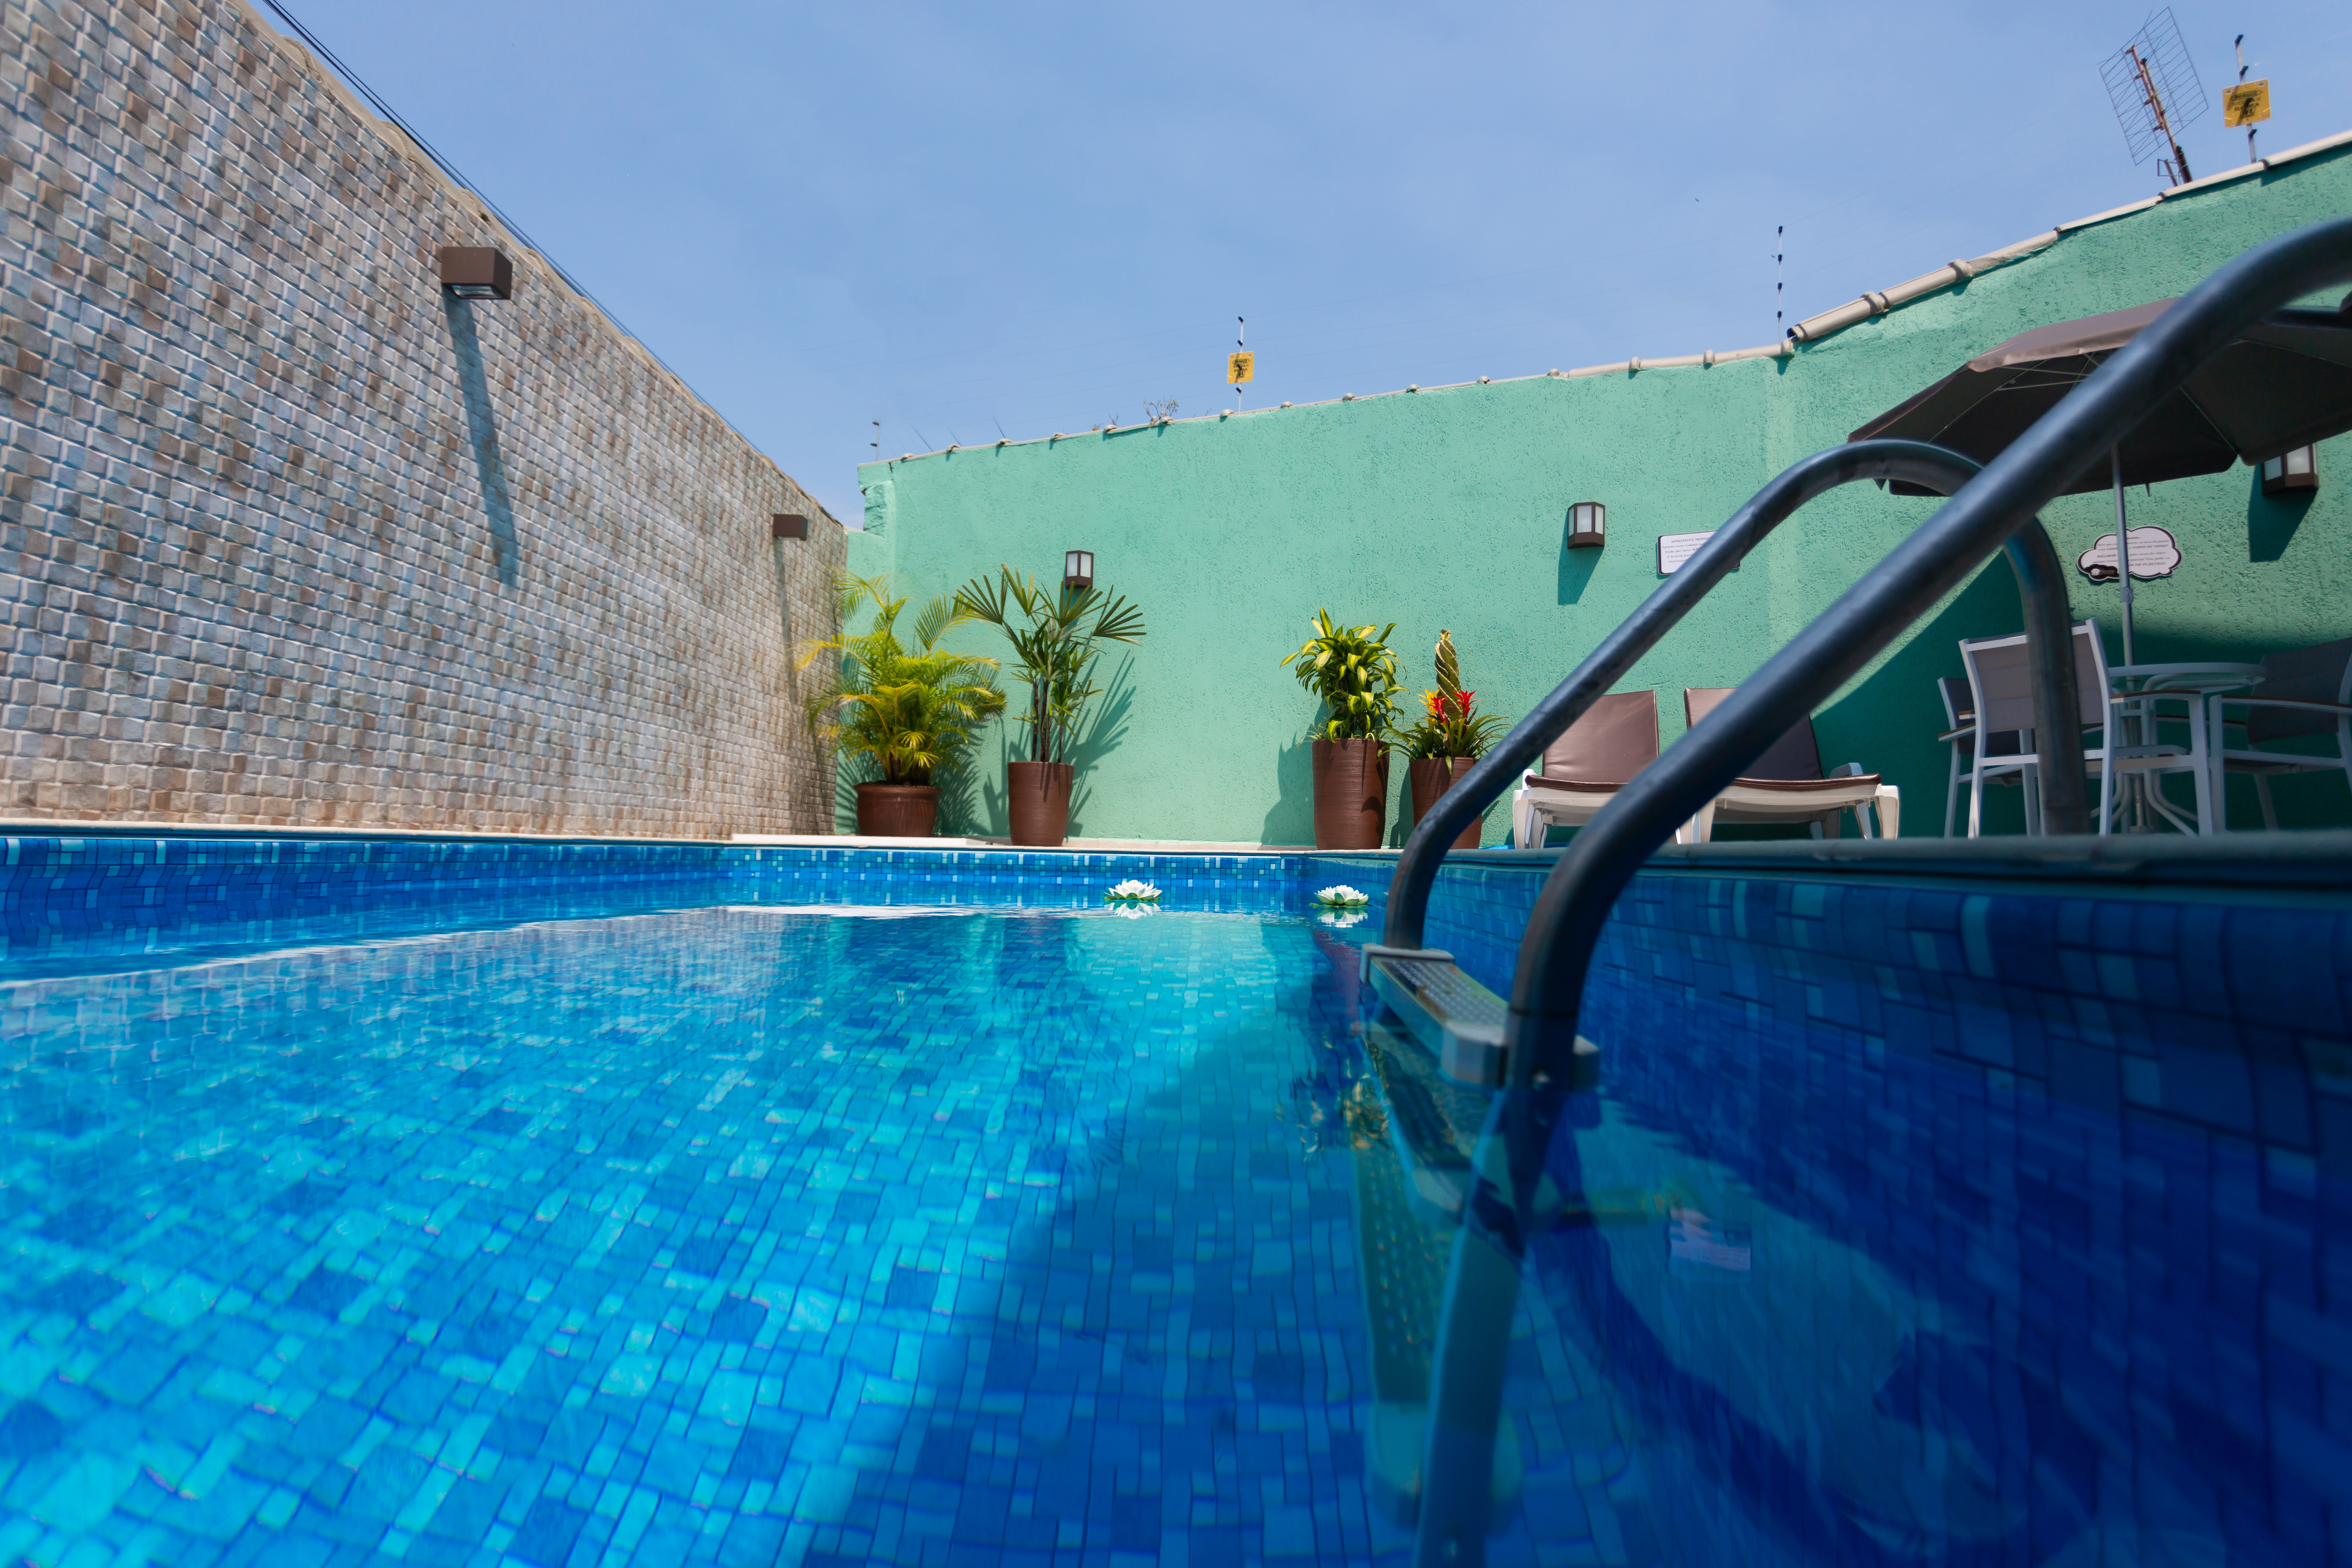 Nossa linda piscina!